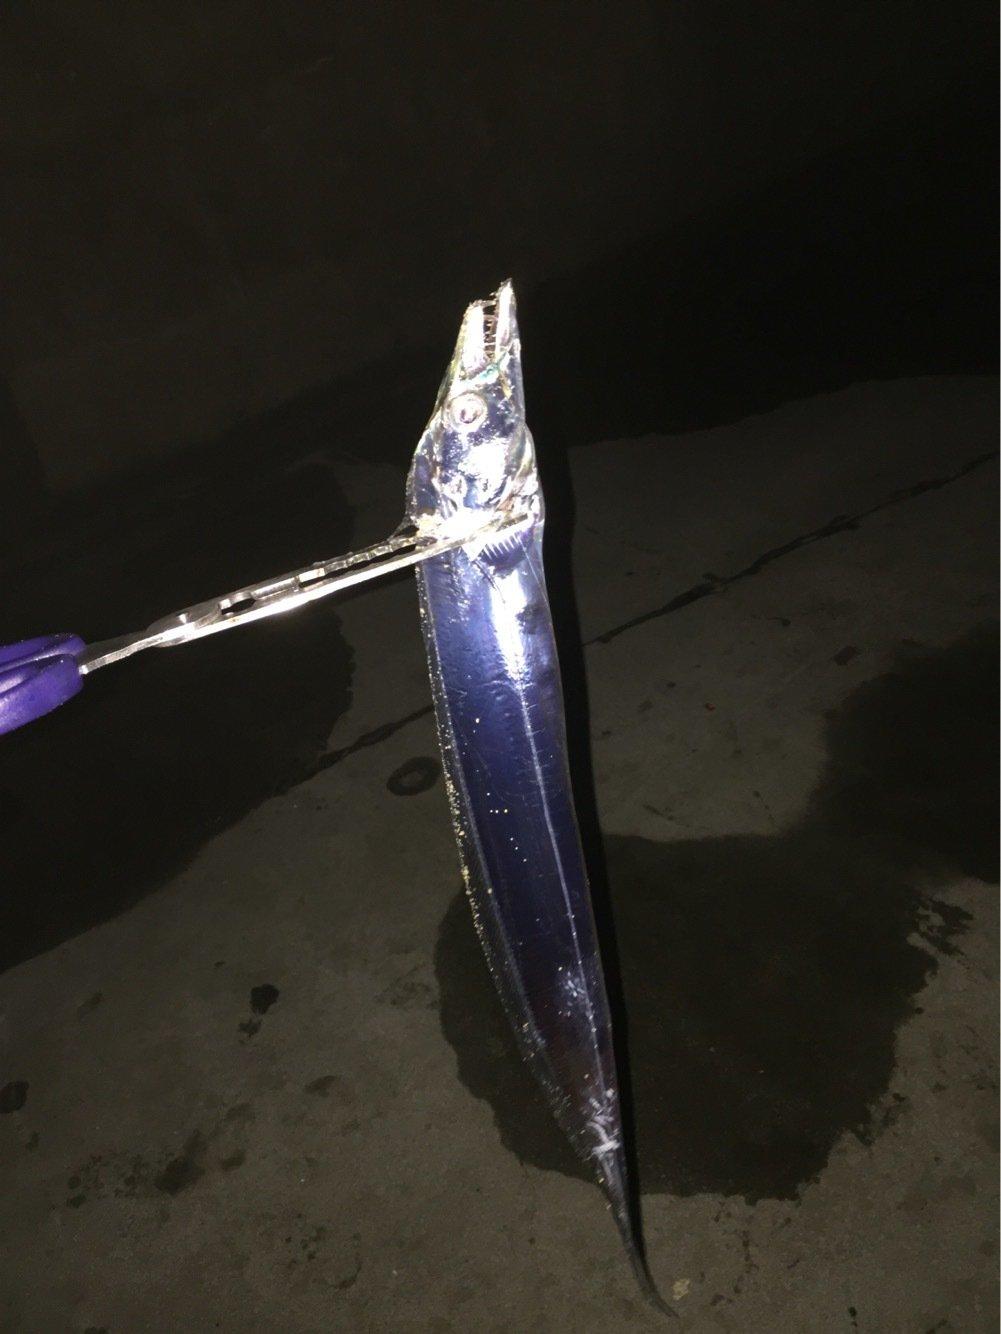 trumpeterhiro さんの投稿画像,写っている魚はタチウオ